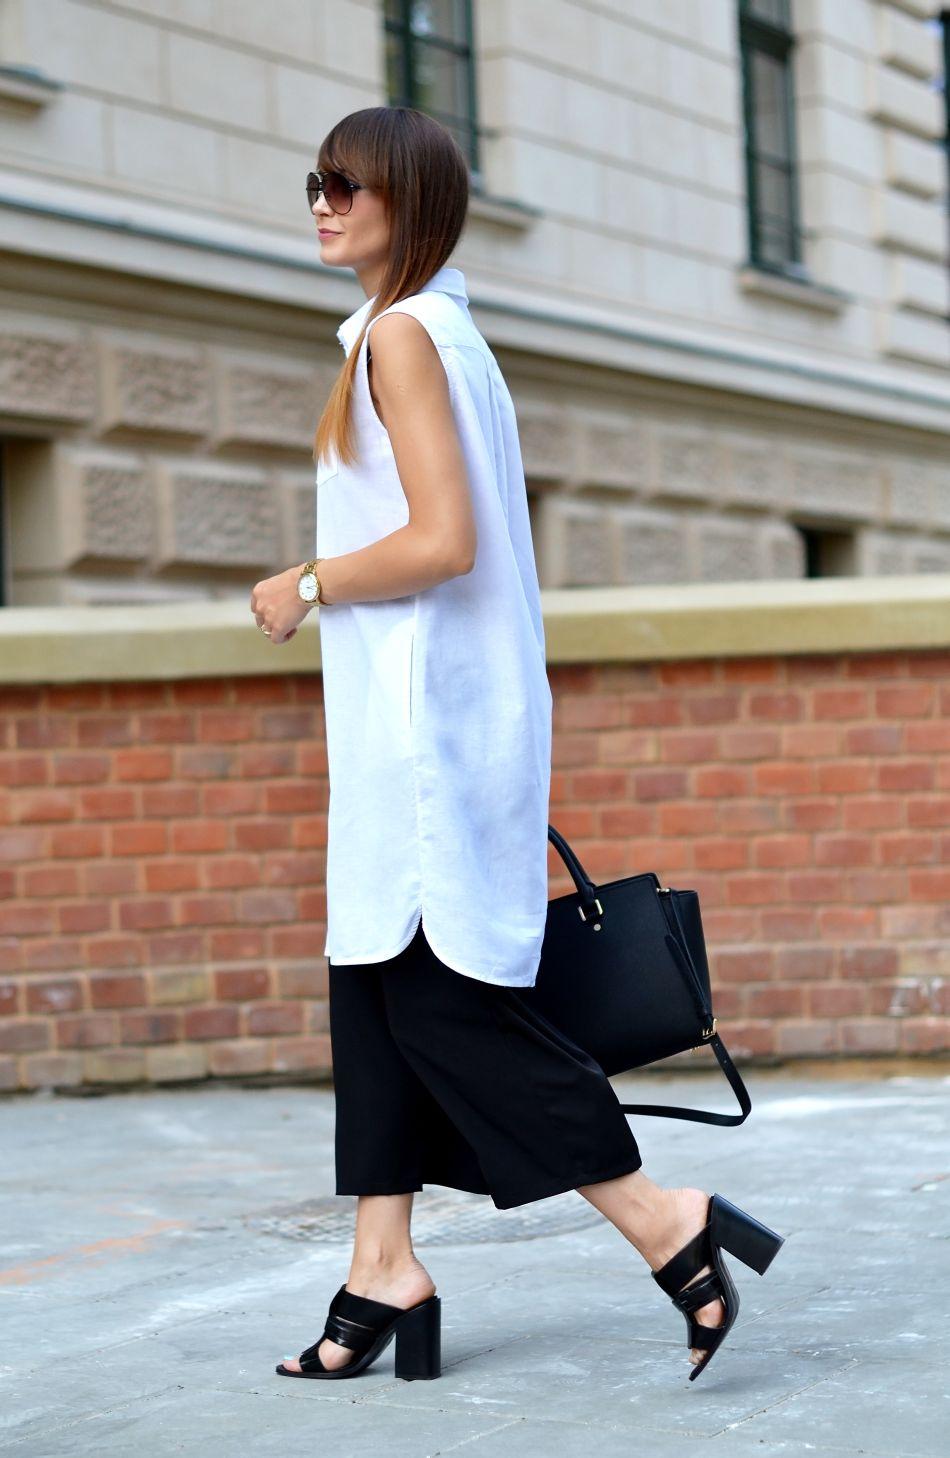 zegarek zloty | blog o modzie | blog modowy | blogerka modowa | blogi o modzie | popularna blogerka | cammy blog